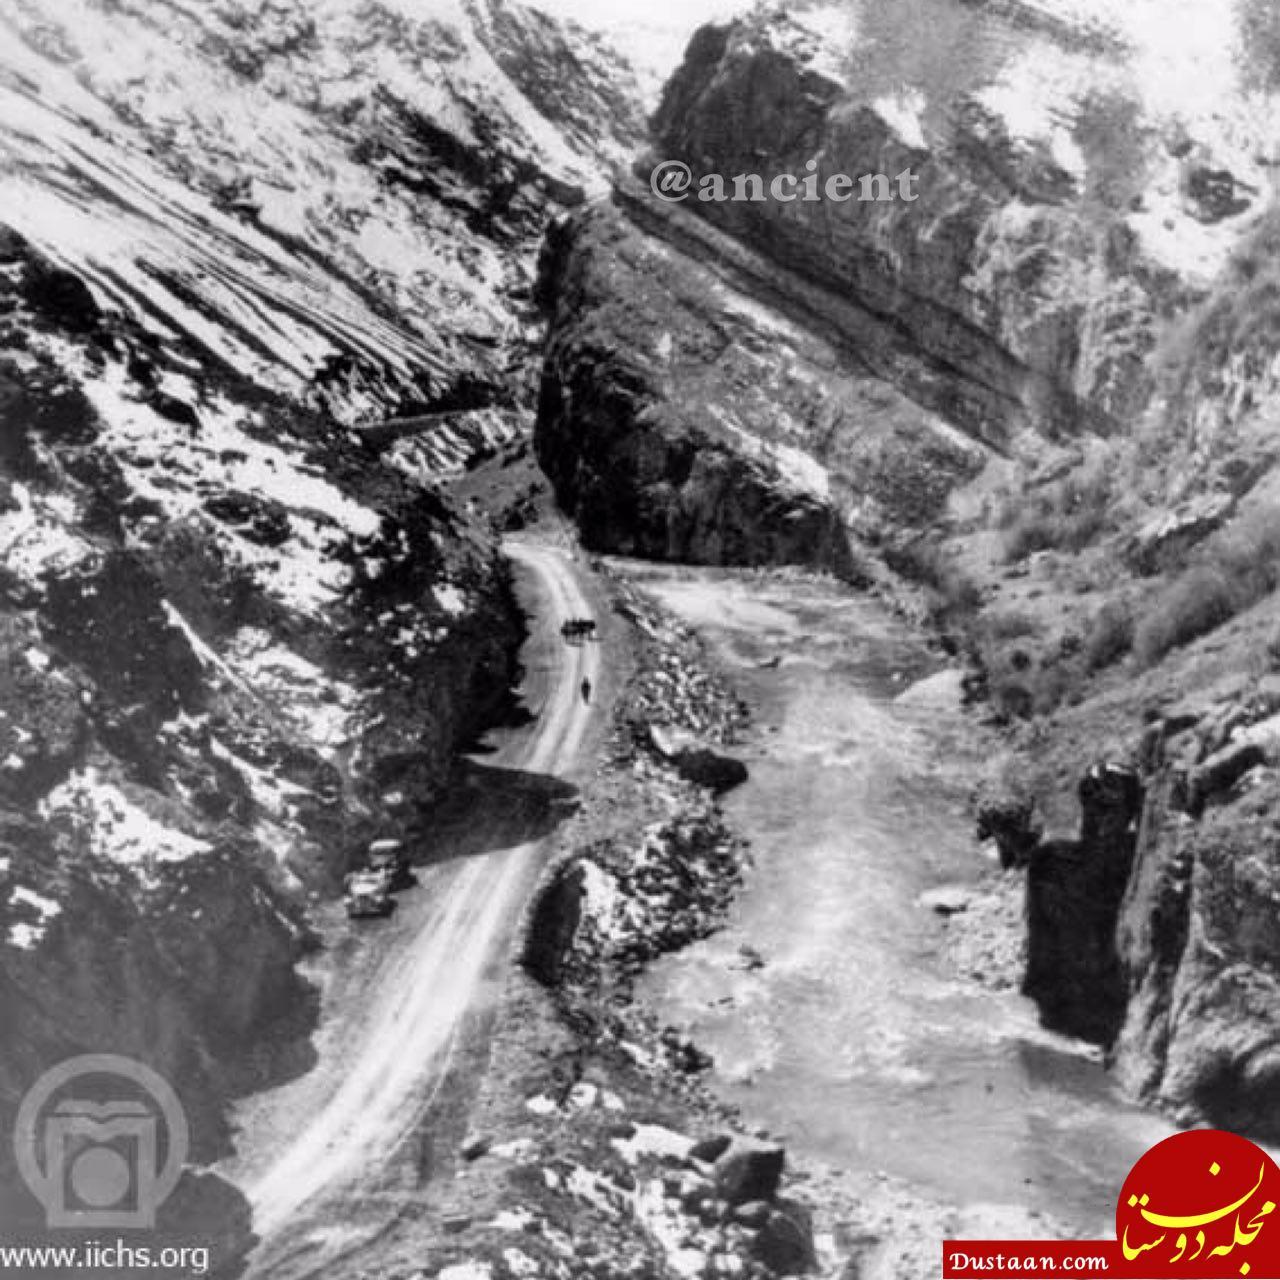 تصویری دیده نشده از جاده چالوس در زمان قاجار!